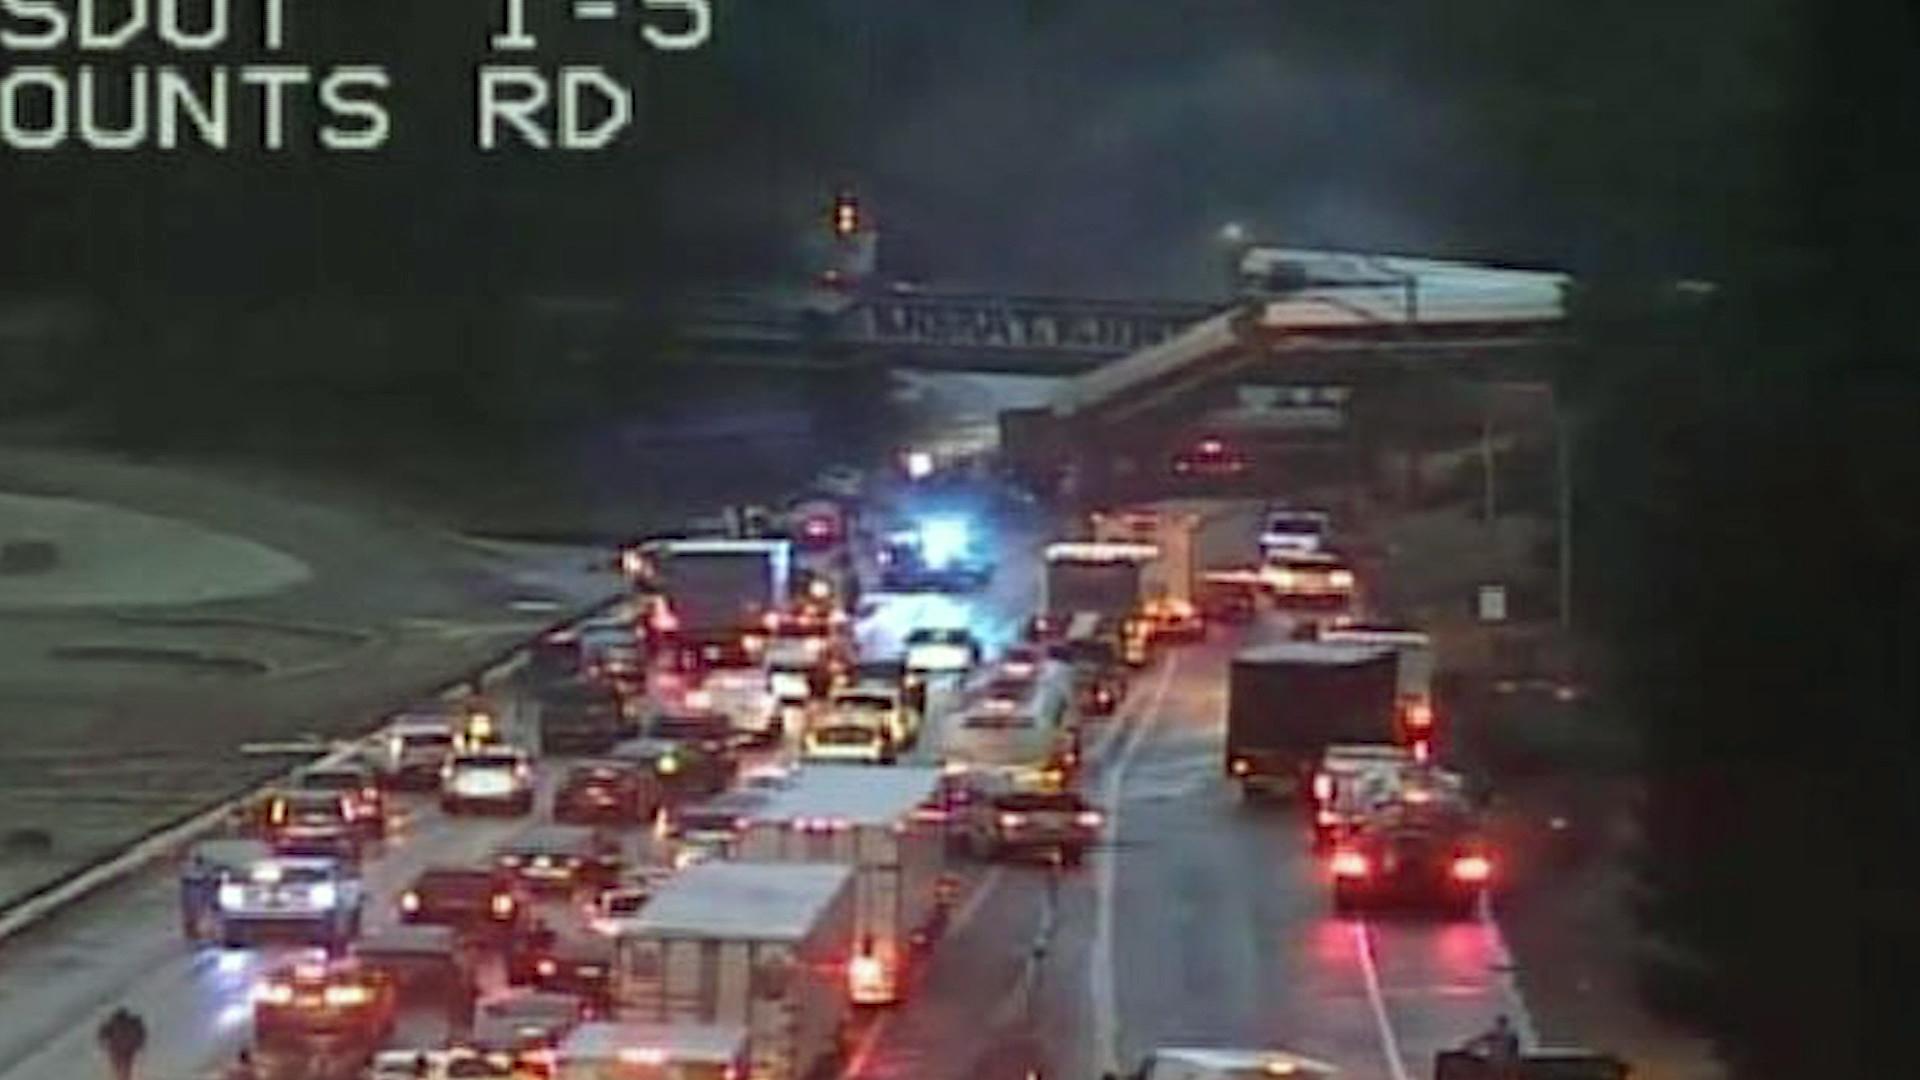 Amtrak derailment in Washington state over I-5-159532.jpg00556178